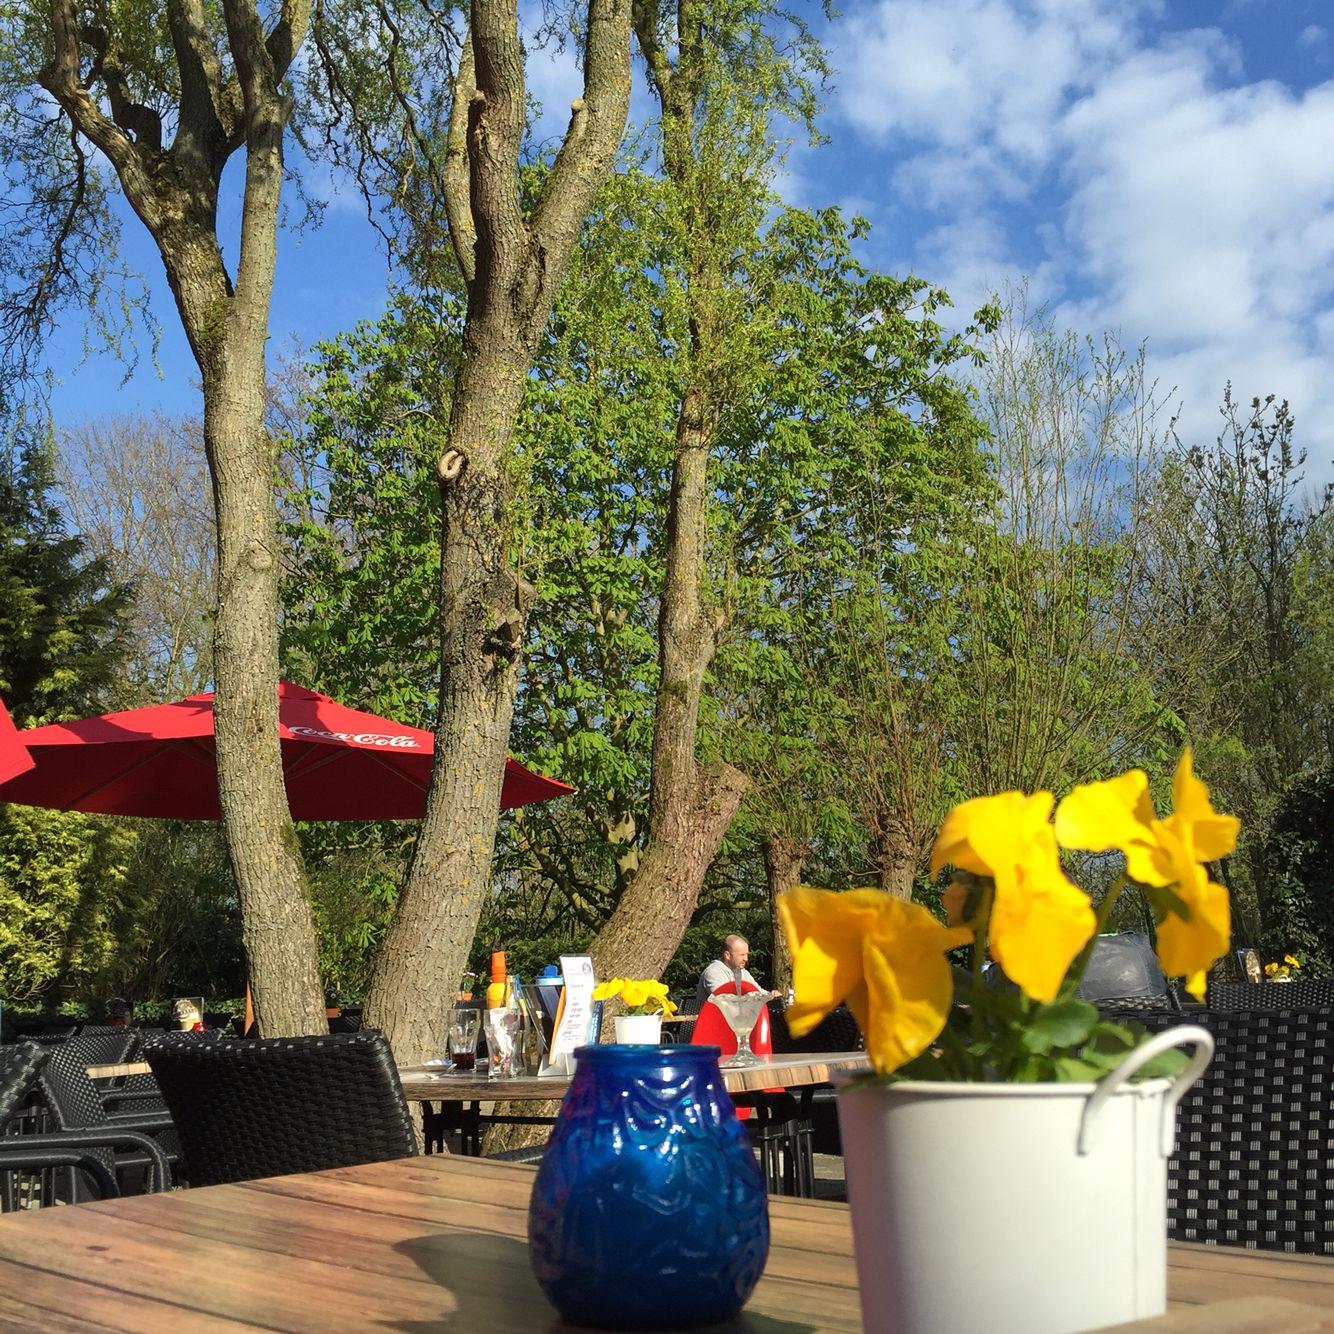 Lekker weer vandaag, dus even een terrasje met een #pannenkoek